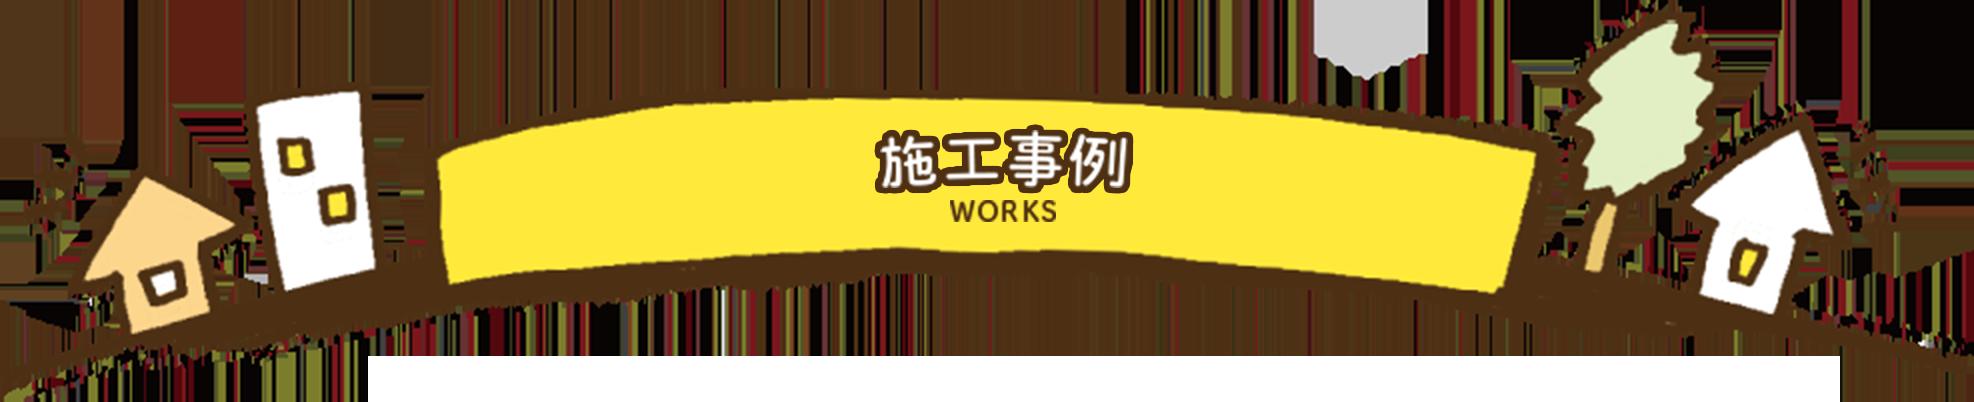 施工事例WORKS